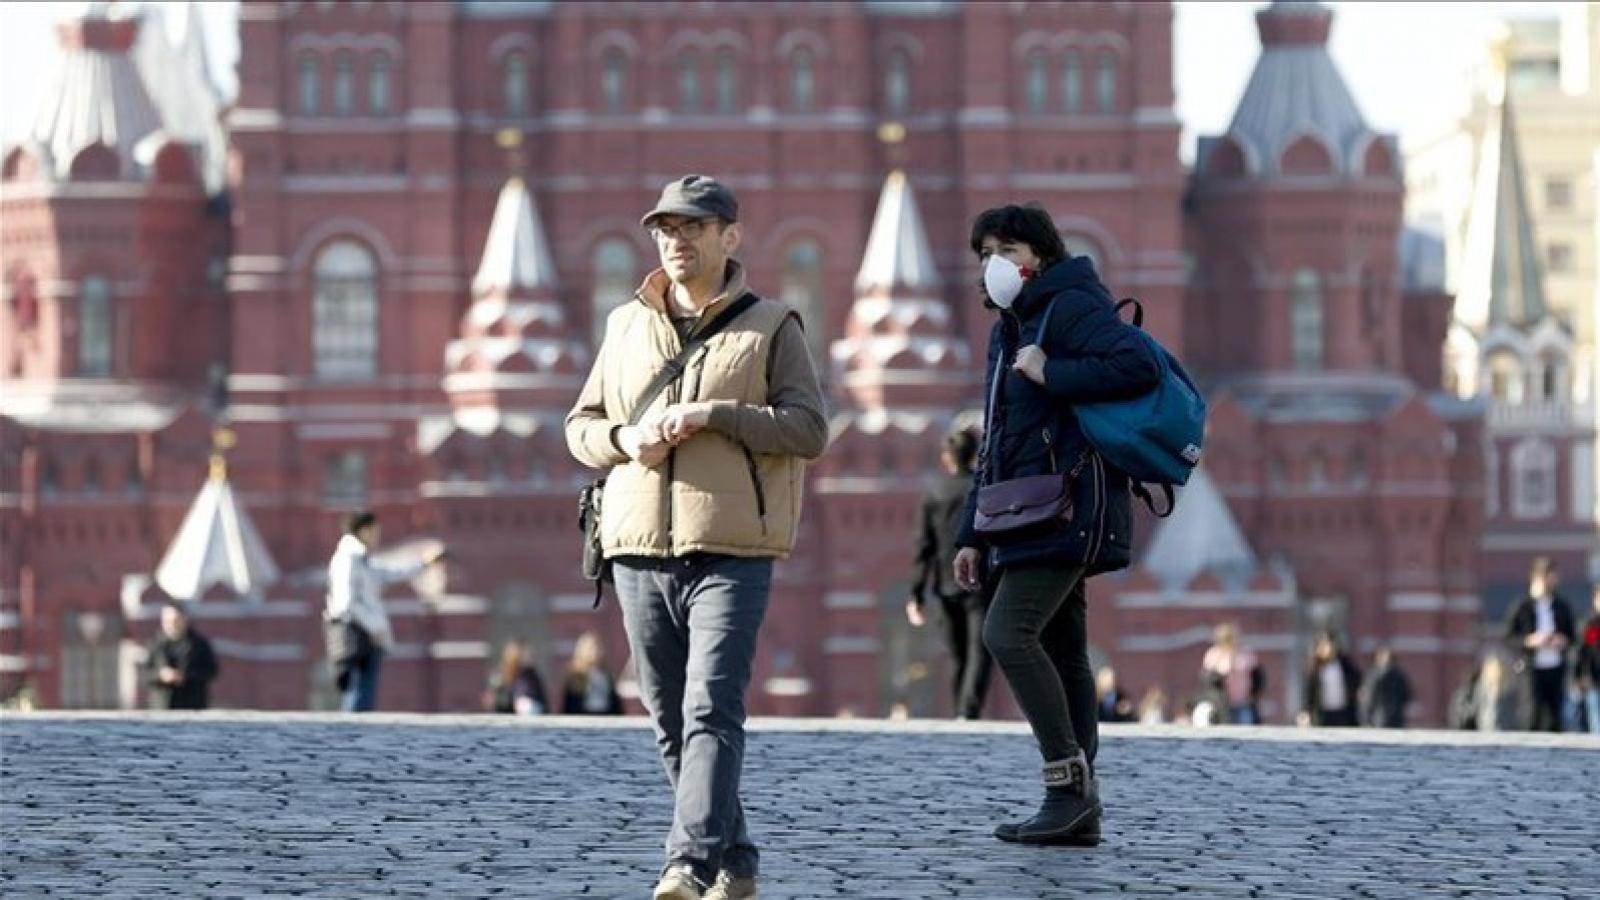 Nga trở thành điểm nóng mới của dịch Covid-19, số ca mắc cao thứ 7 thế giới